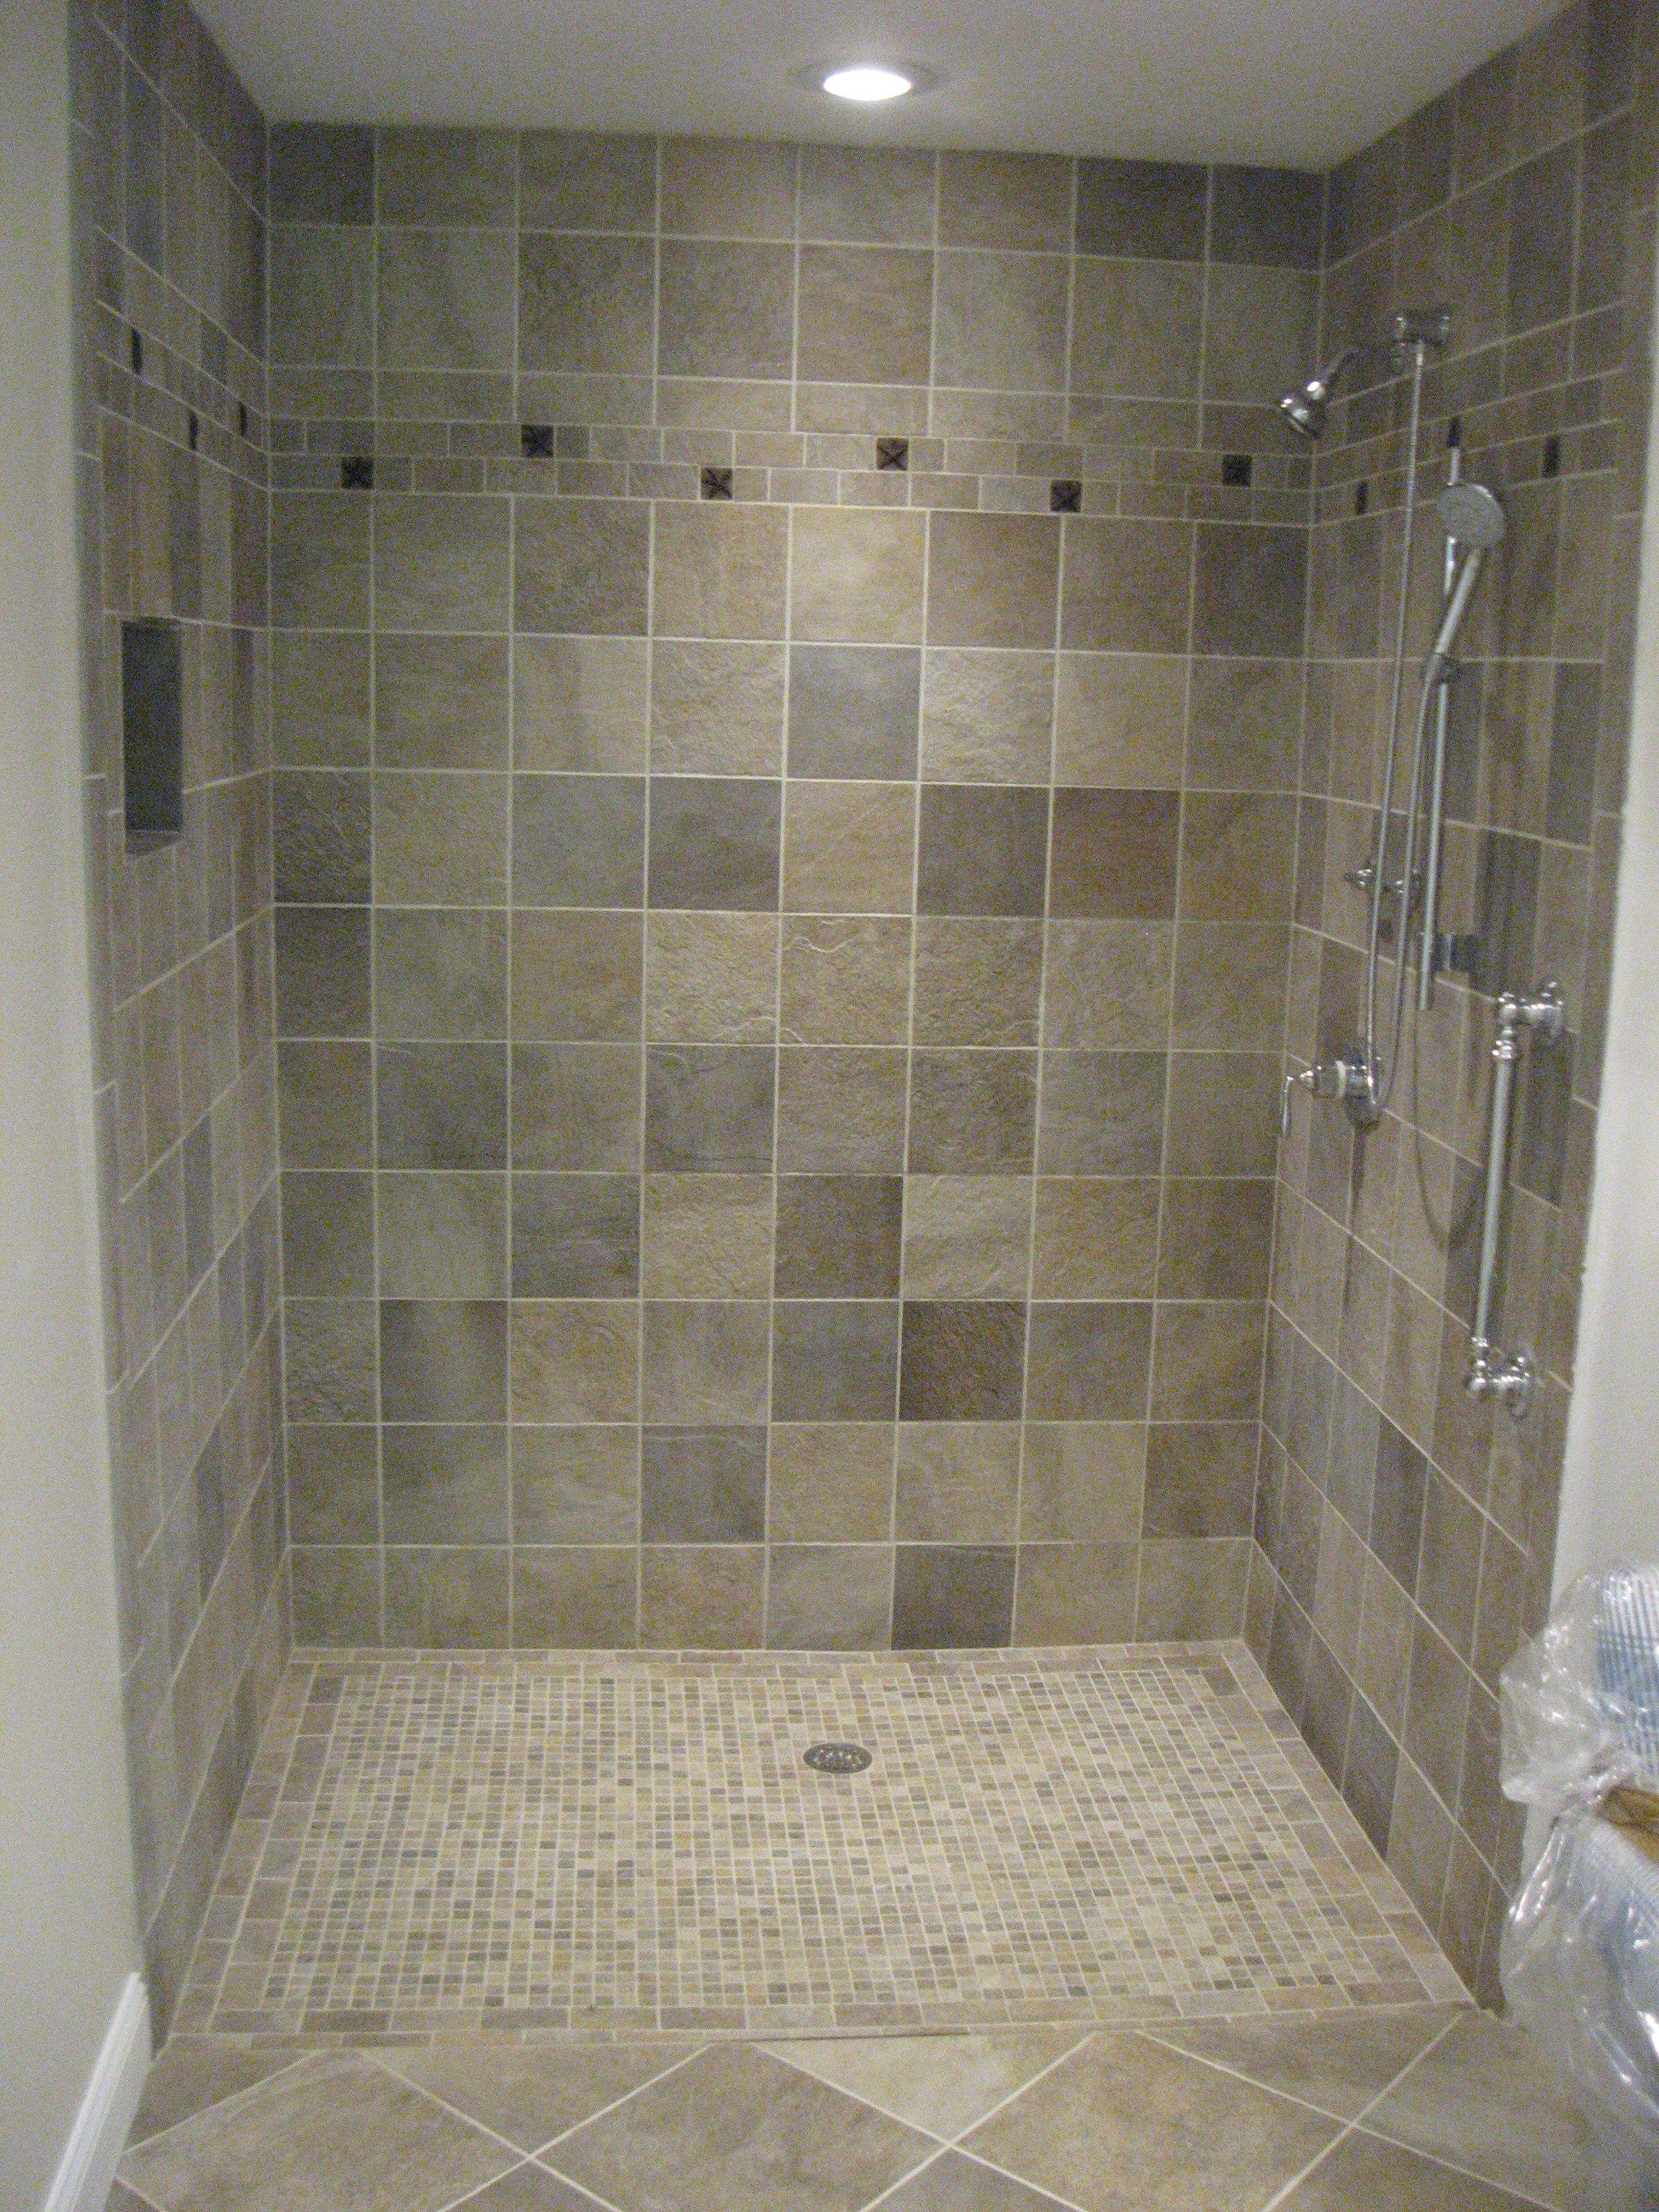 bathroom faucet mosaic tile flooring ideas marble tiled ideas bathroom flooring tiles design basement flooring tile id